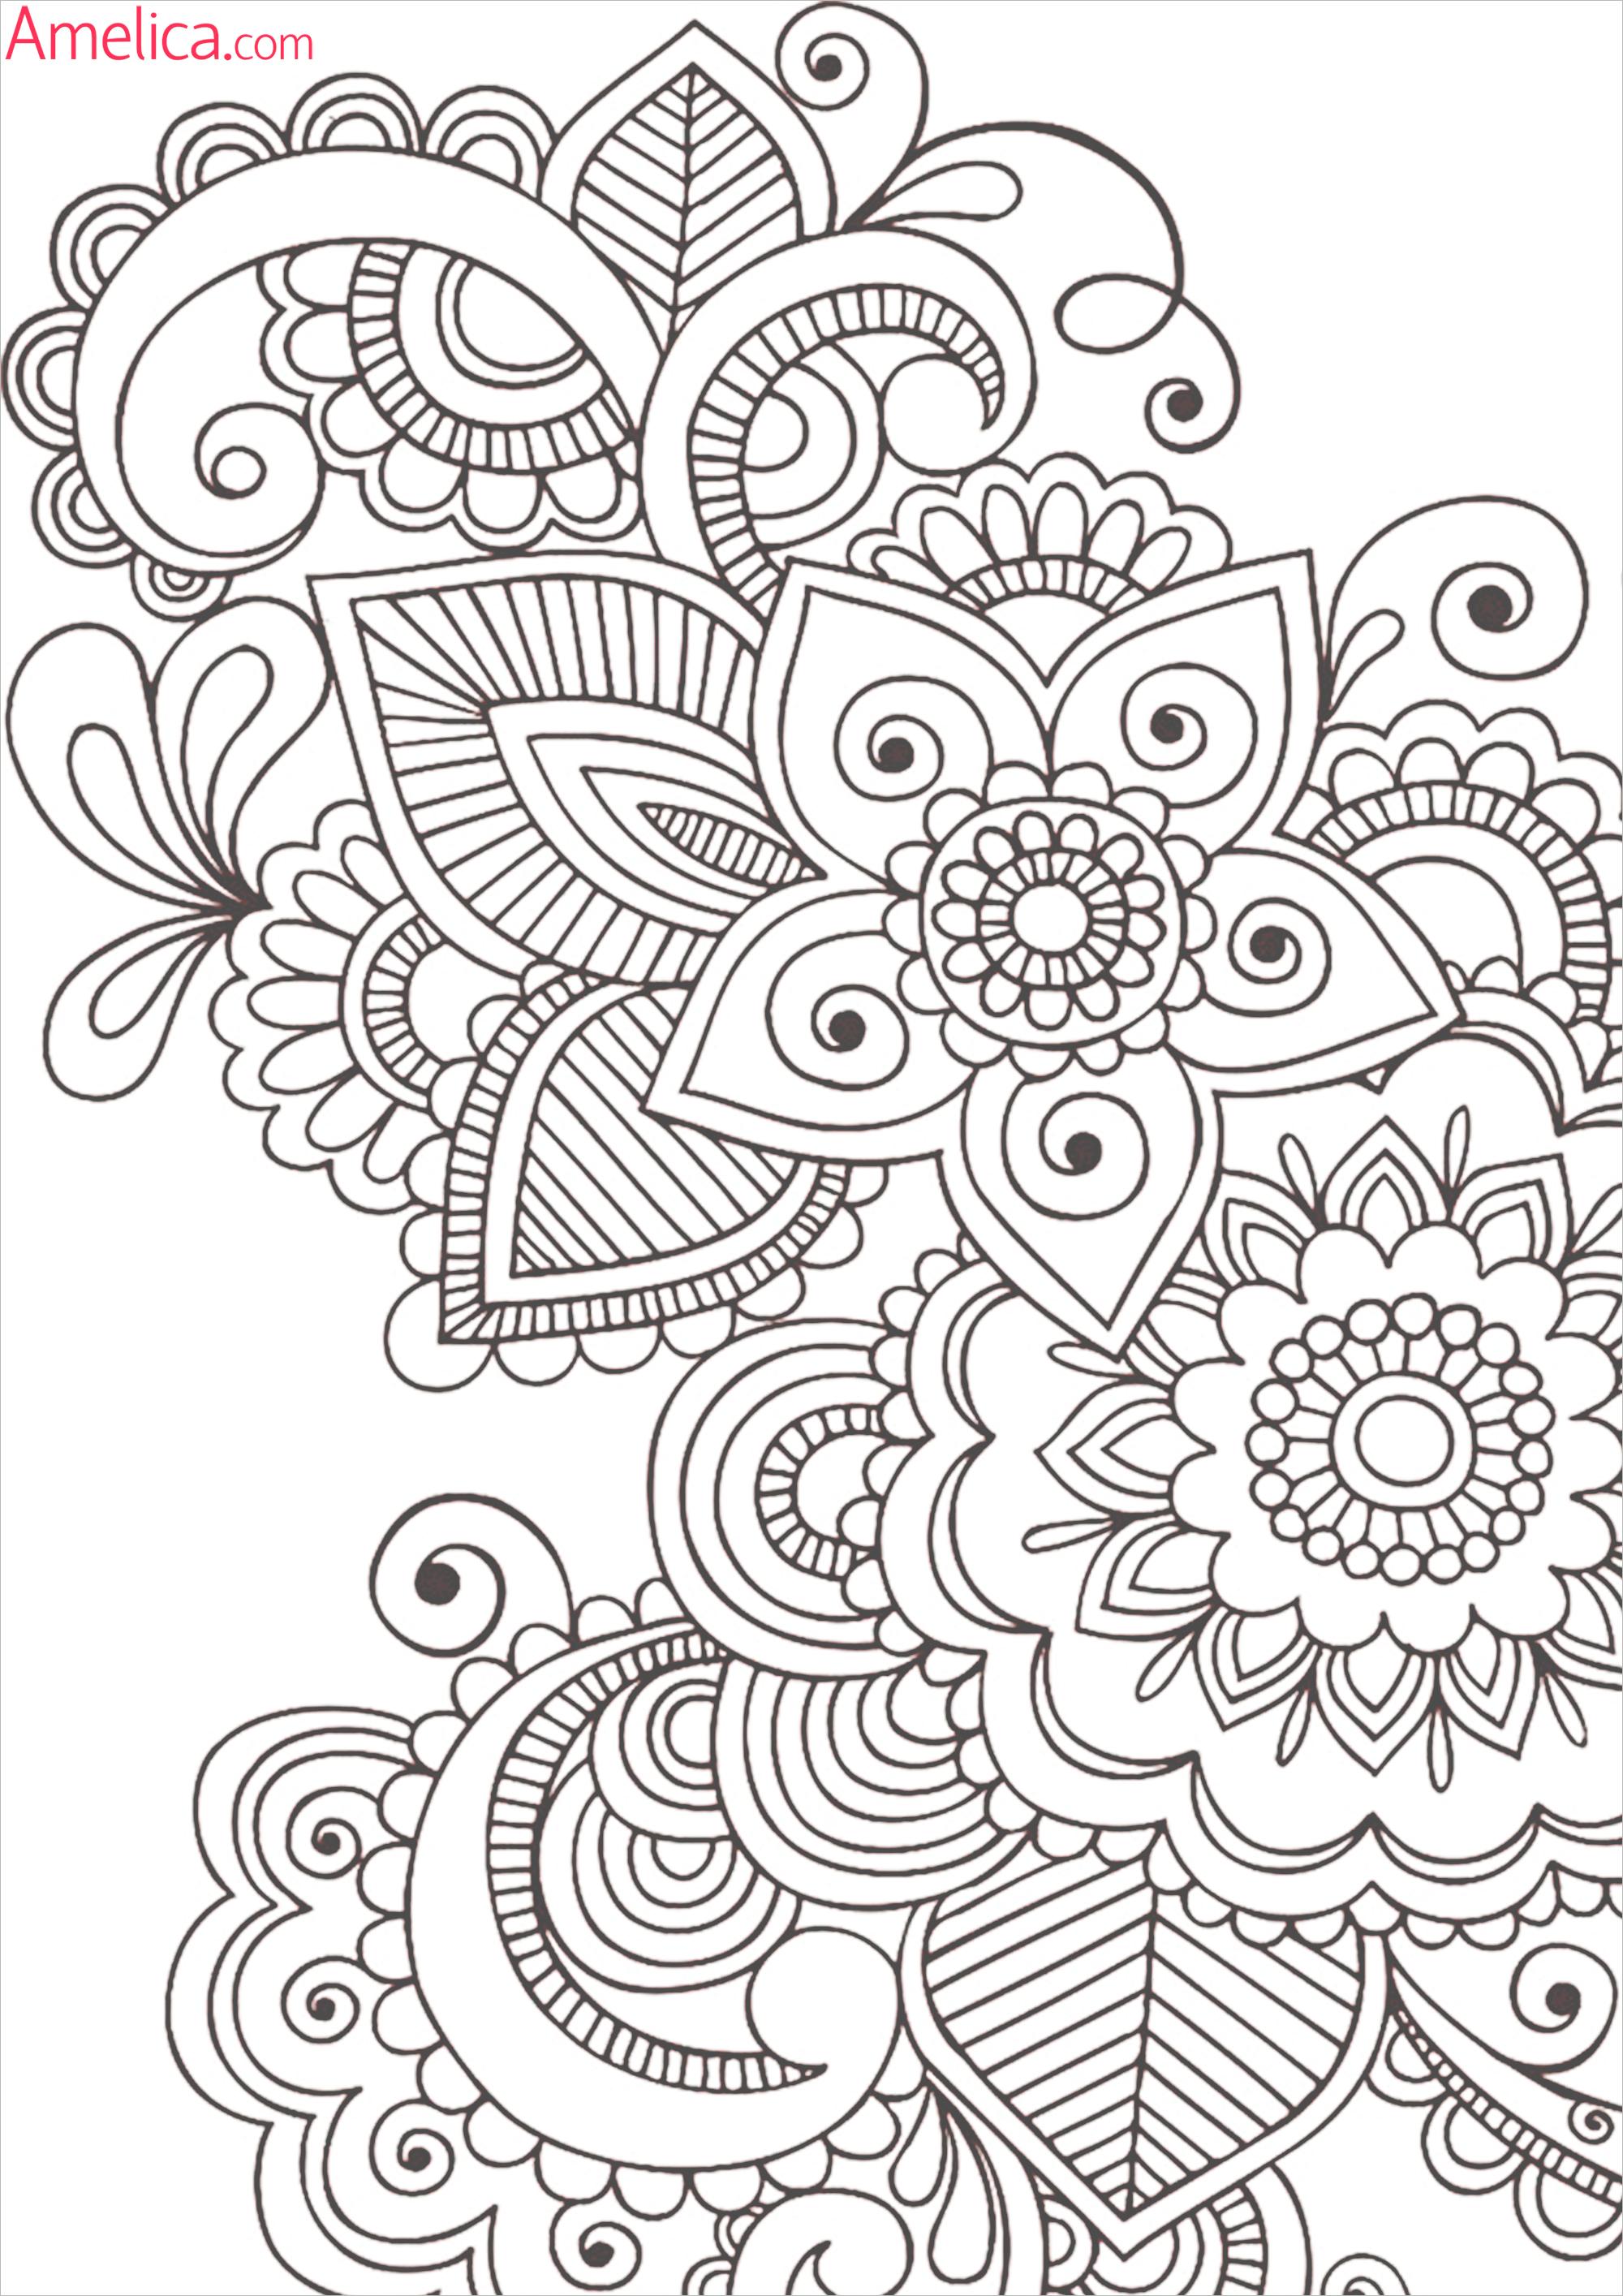 ... для взрослых антистресс — цветы: https://amelica.com/раскраски-антистресс...